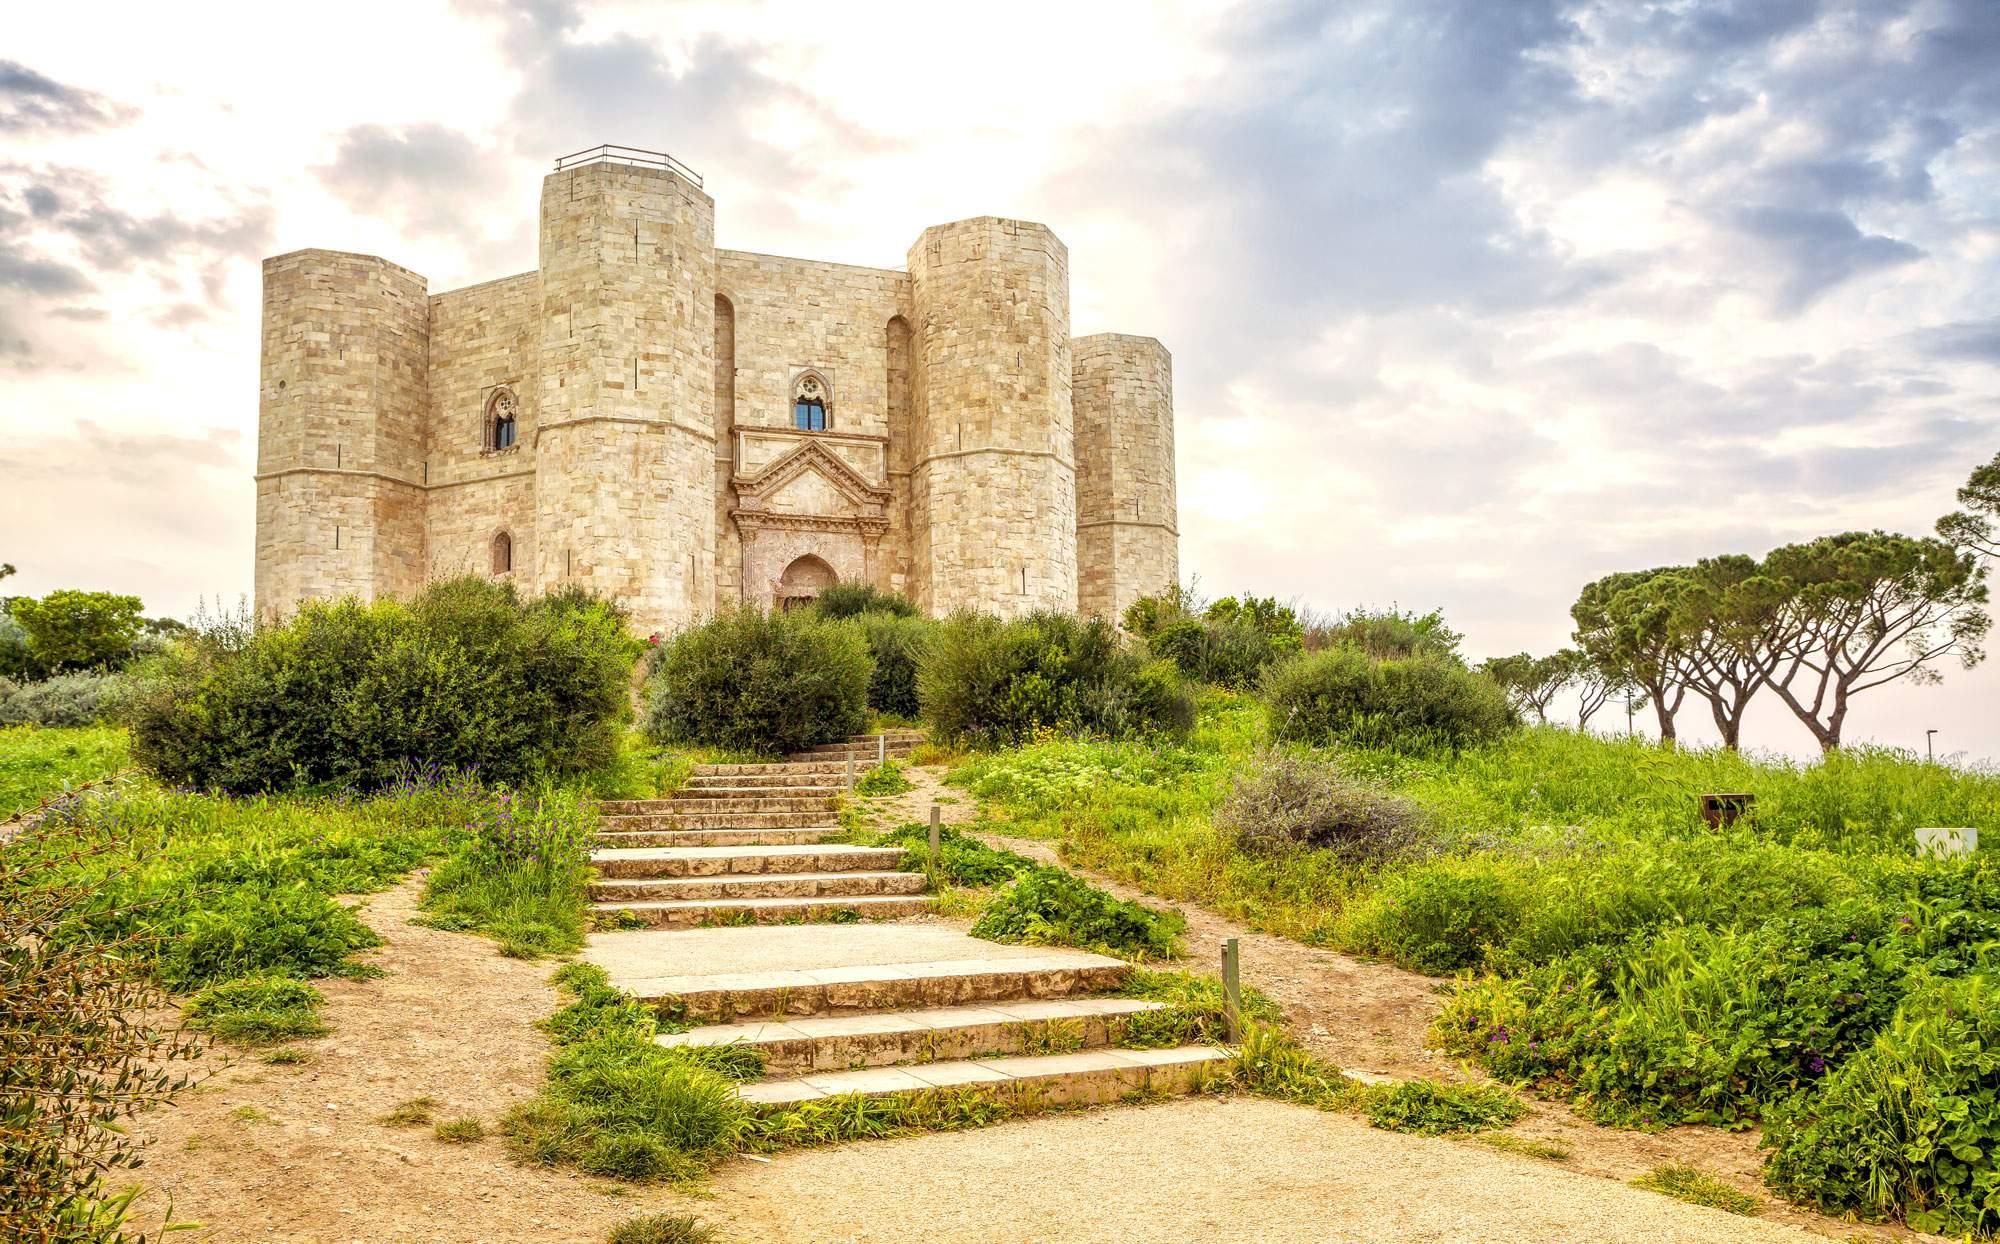 castel-delmonte-puglia-italy-castle-travel